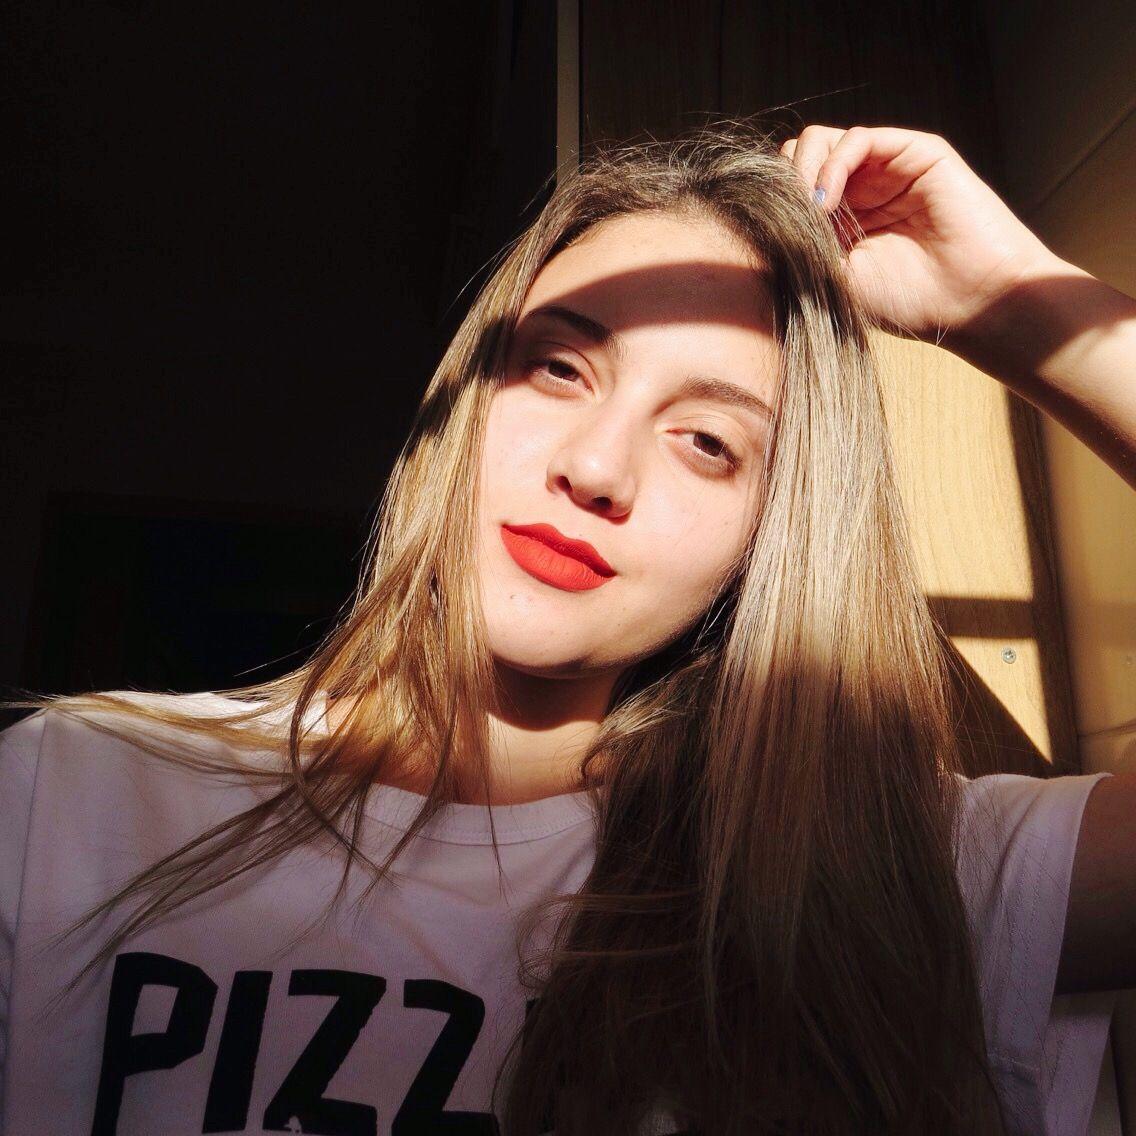 Fotografia selfie usando Golden Hour